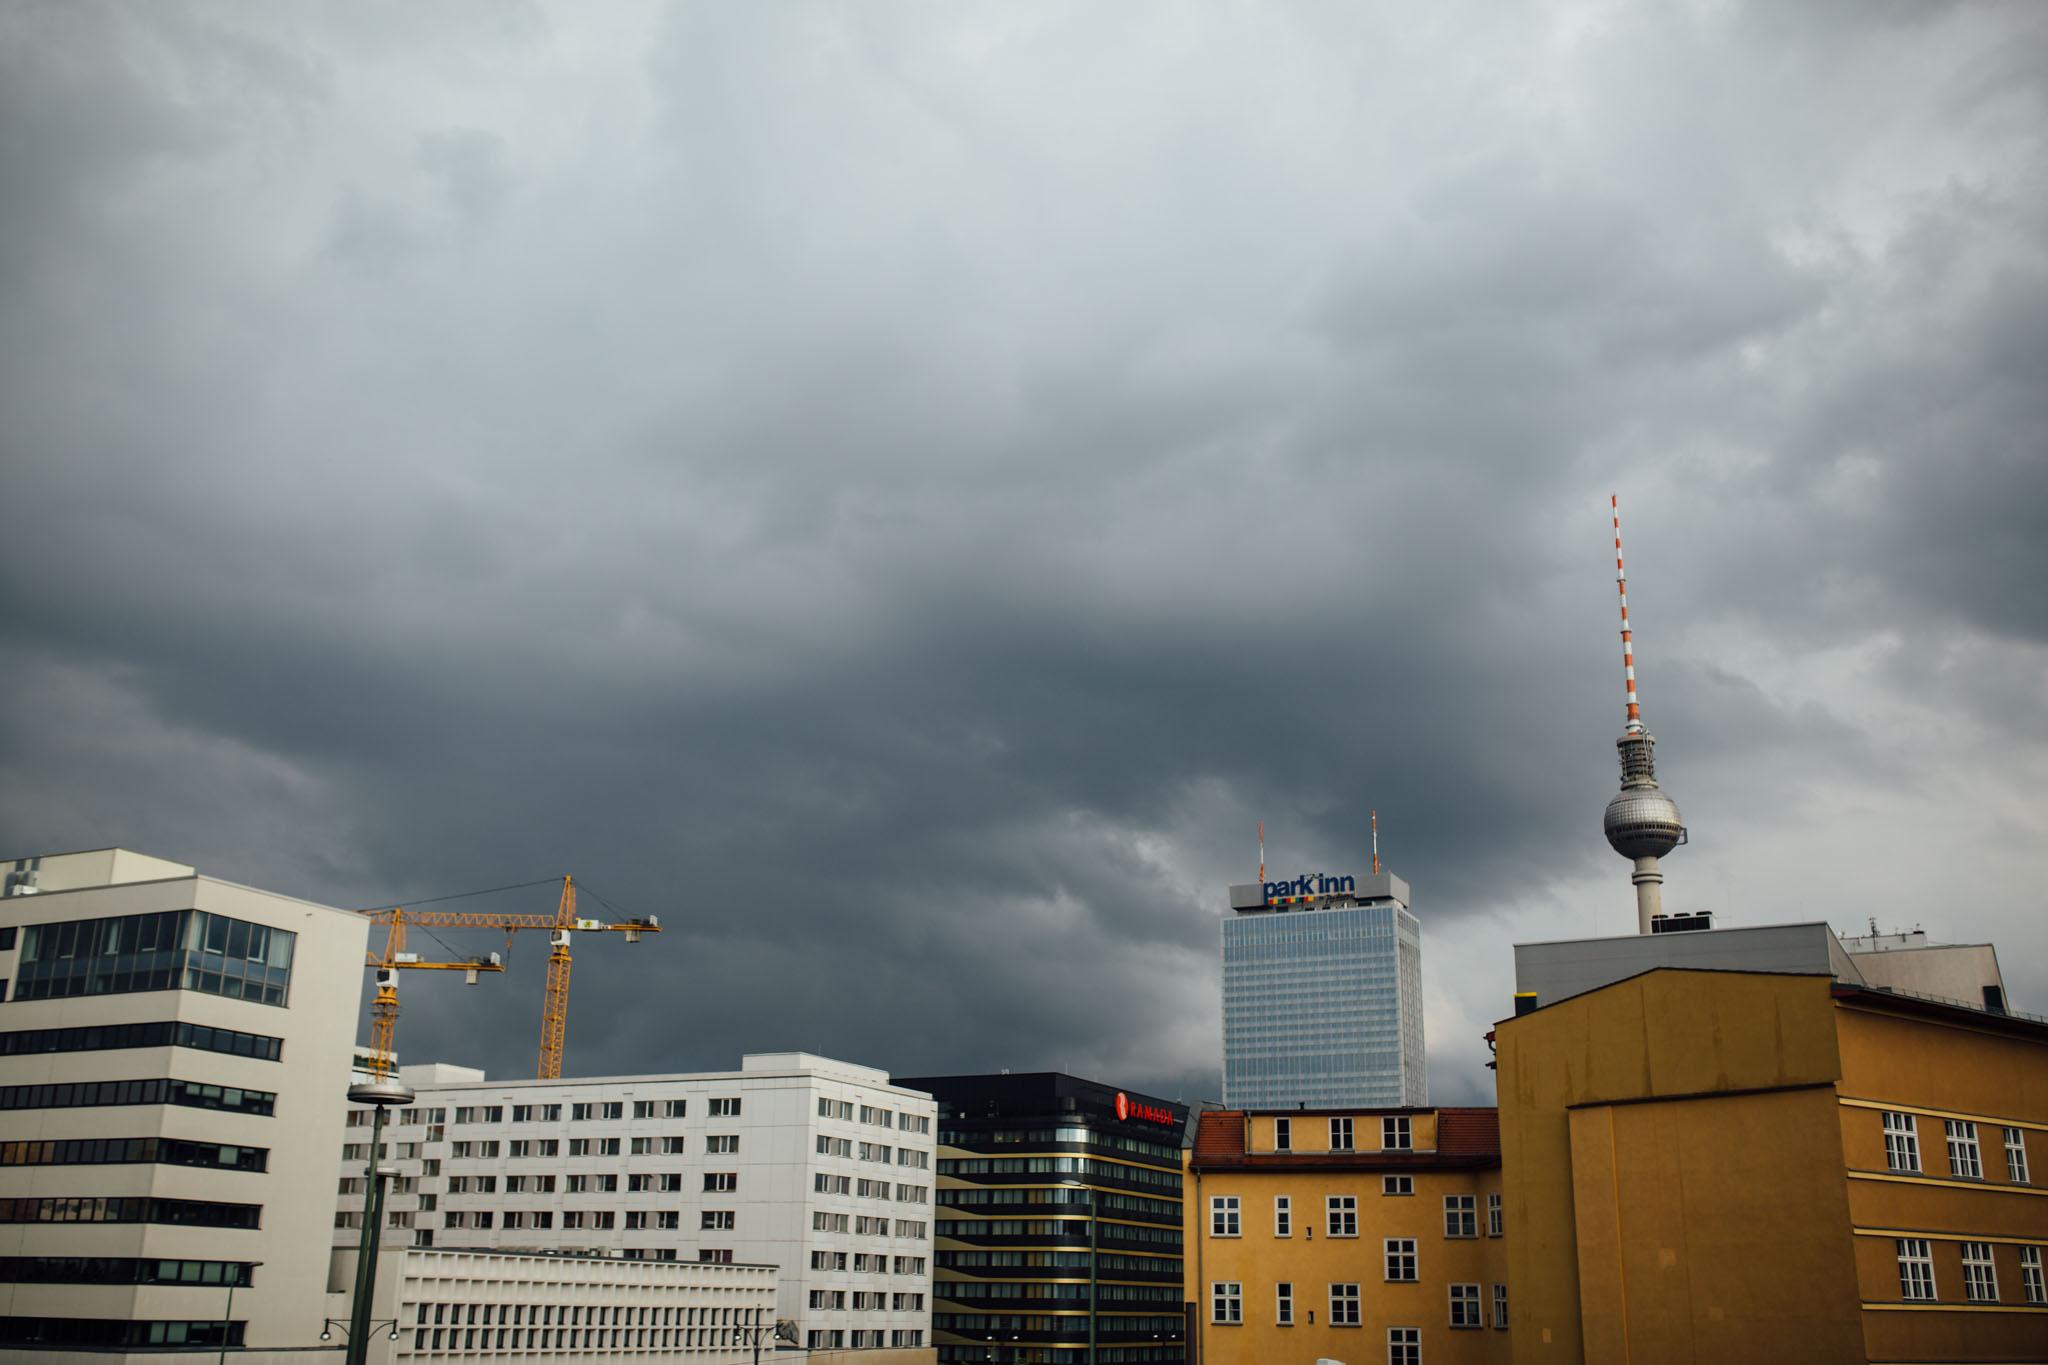 hochzeitsfotograf-berlin-urban-elegant-location